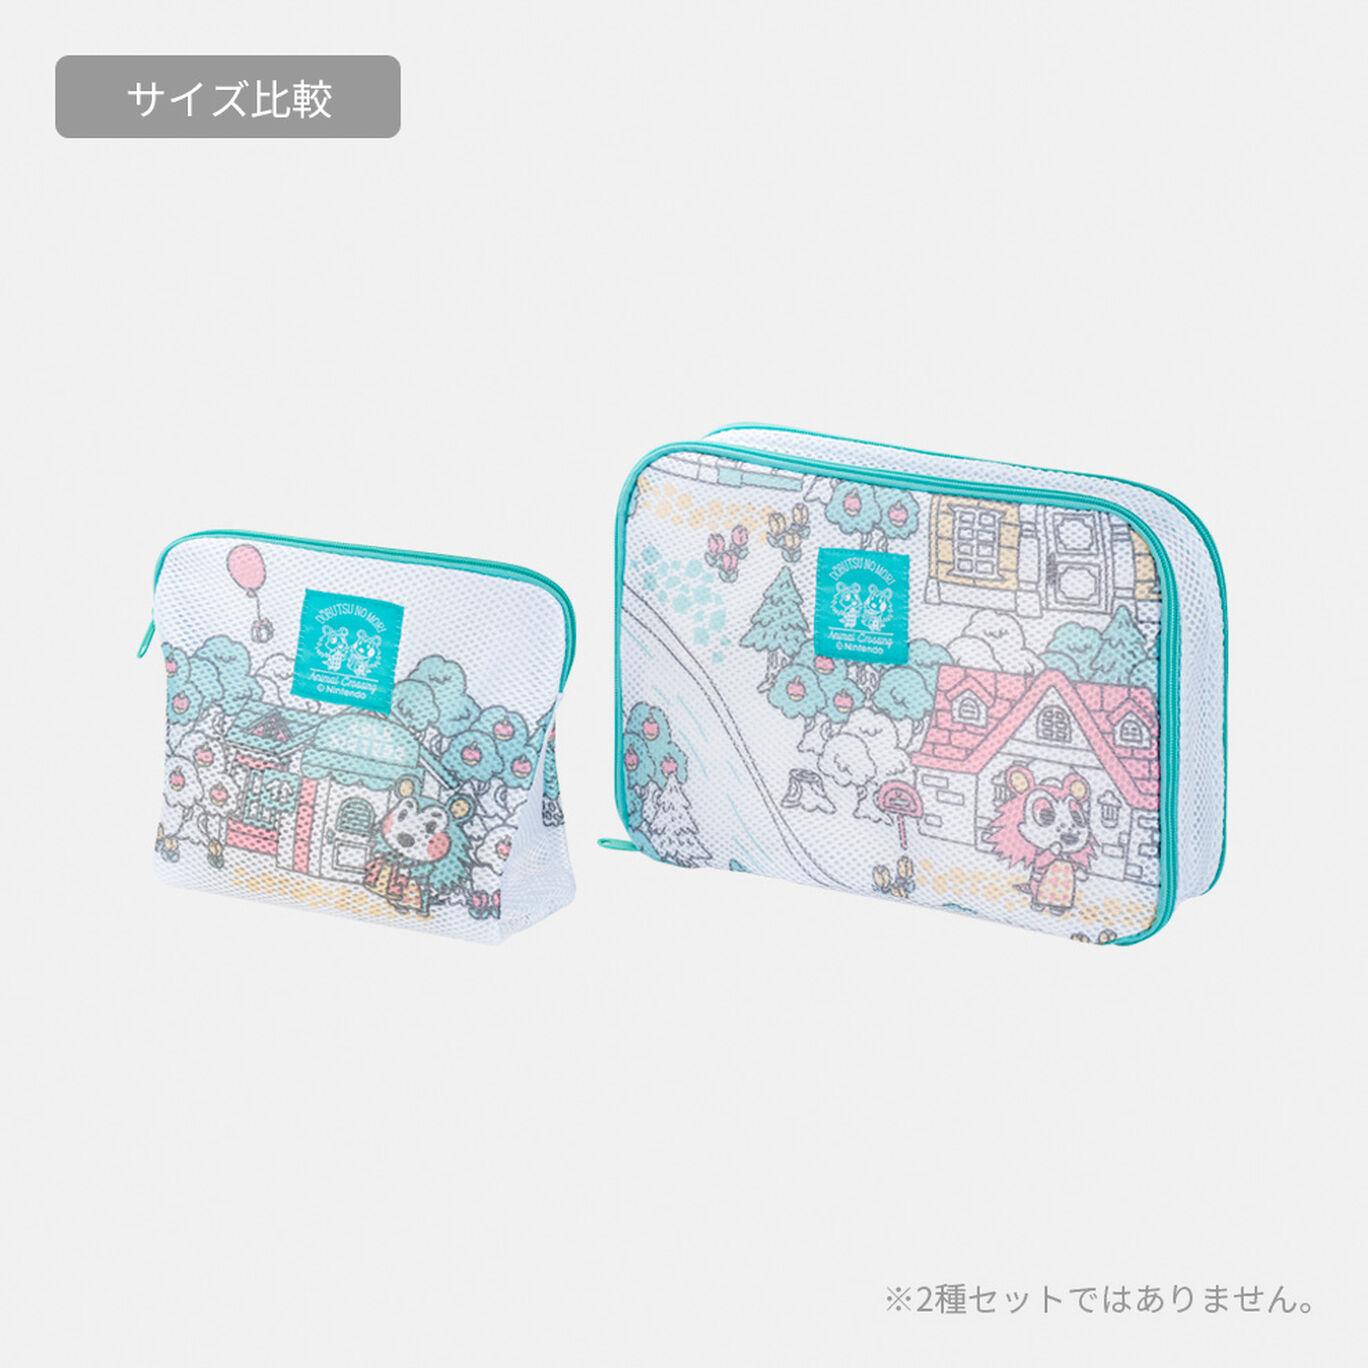 ランドリーネット S どうぶつの森【Nintendo TOKYO取り扱い商品】